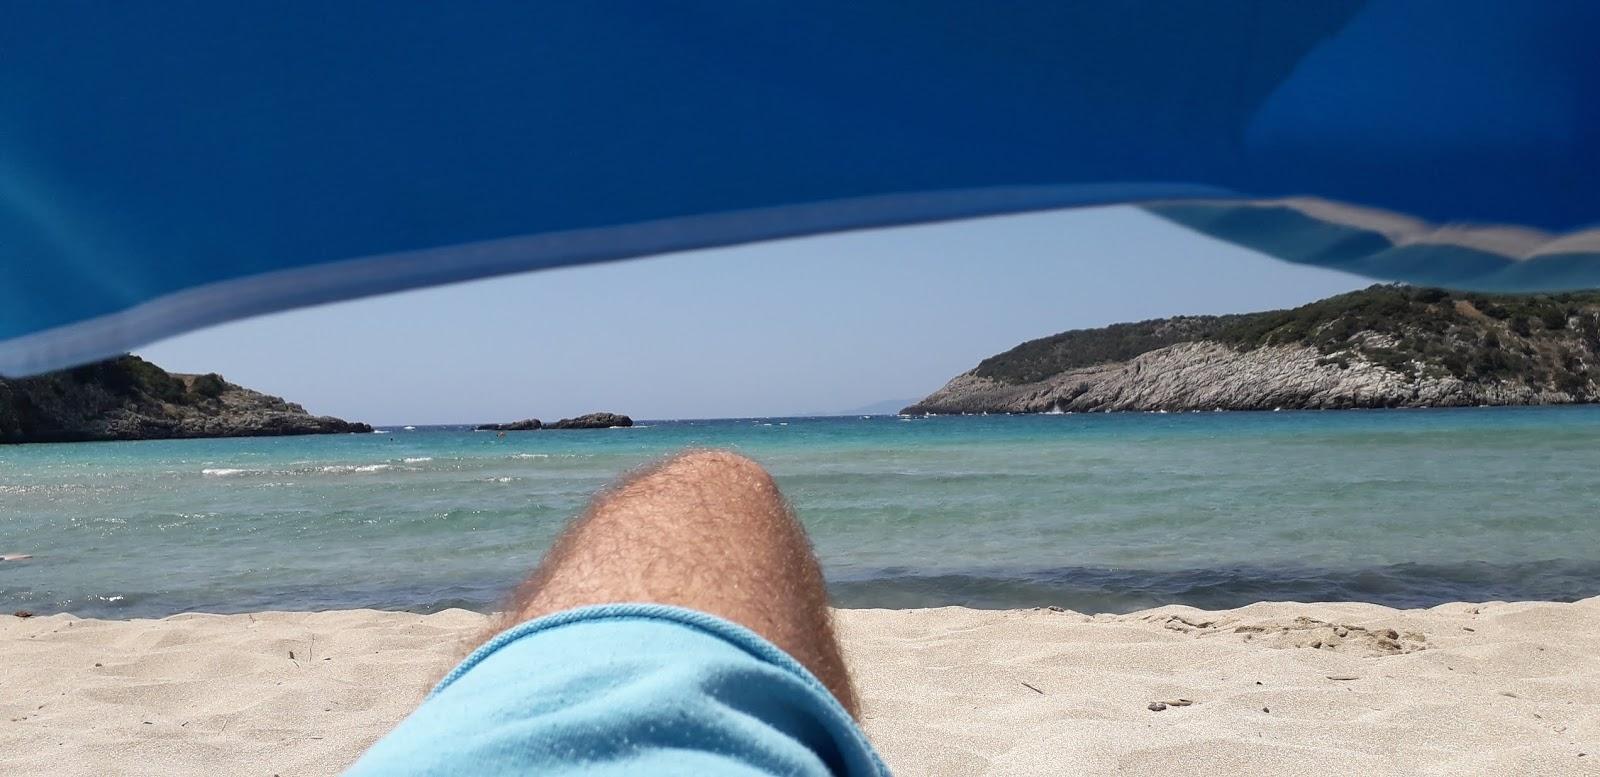 Ταχύτητα dating παραλία να βγαίνω με κάποιον παλιομοδίτικο